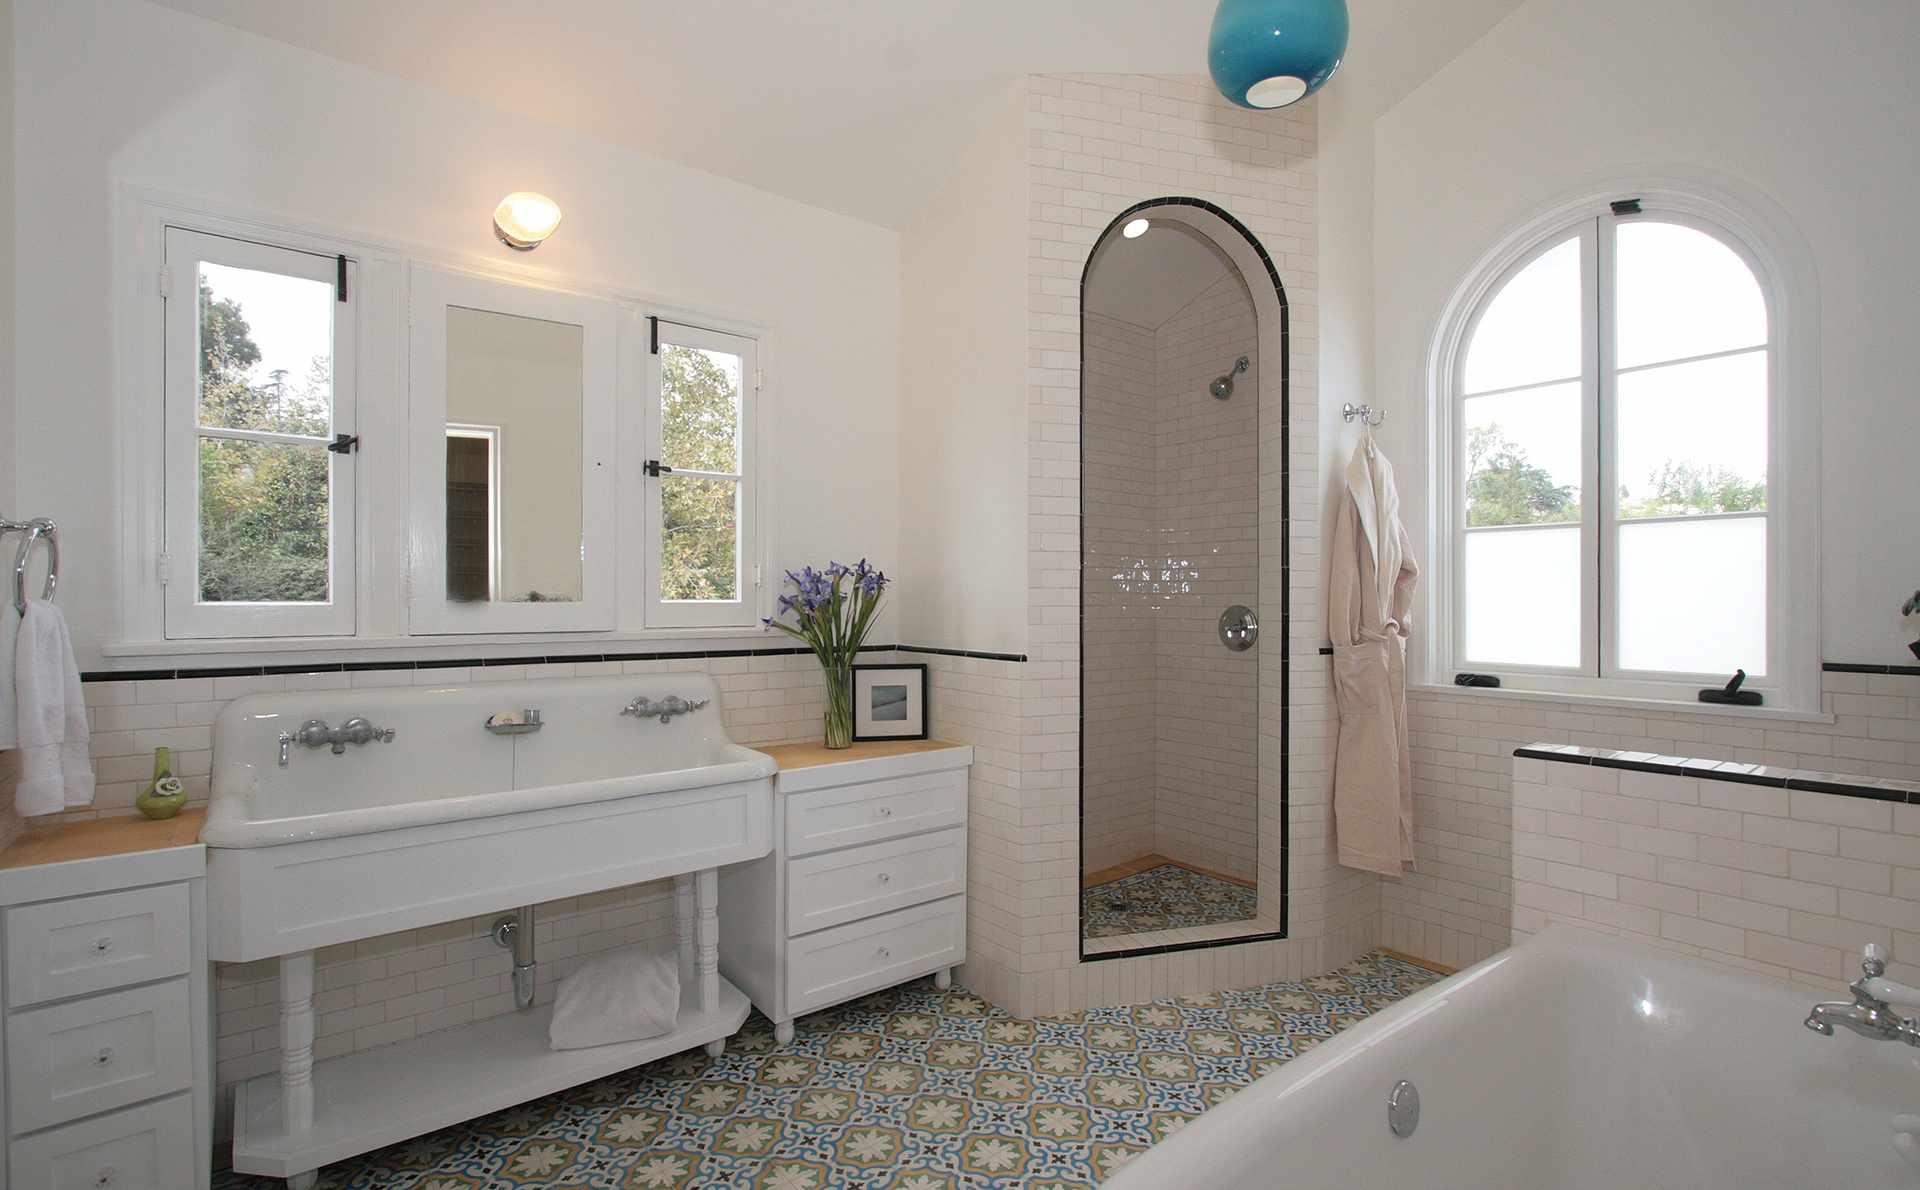 azulejo colorido en el baño blanco